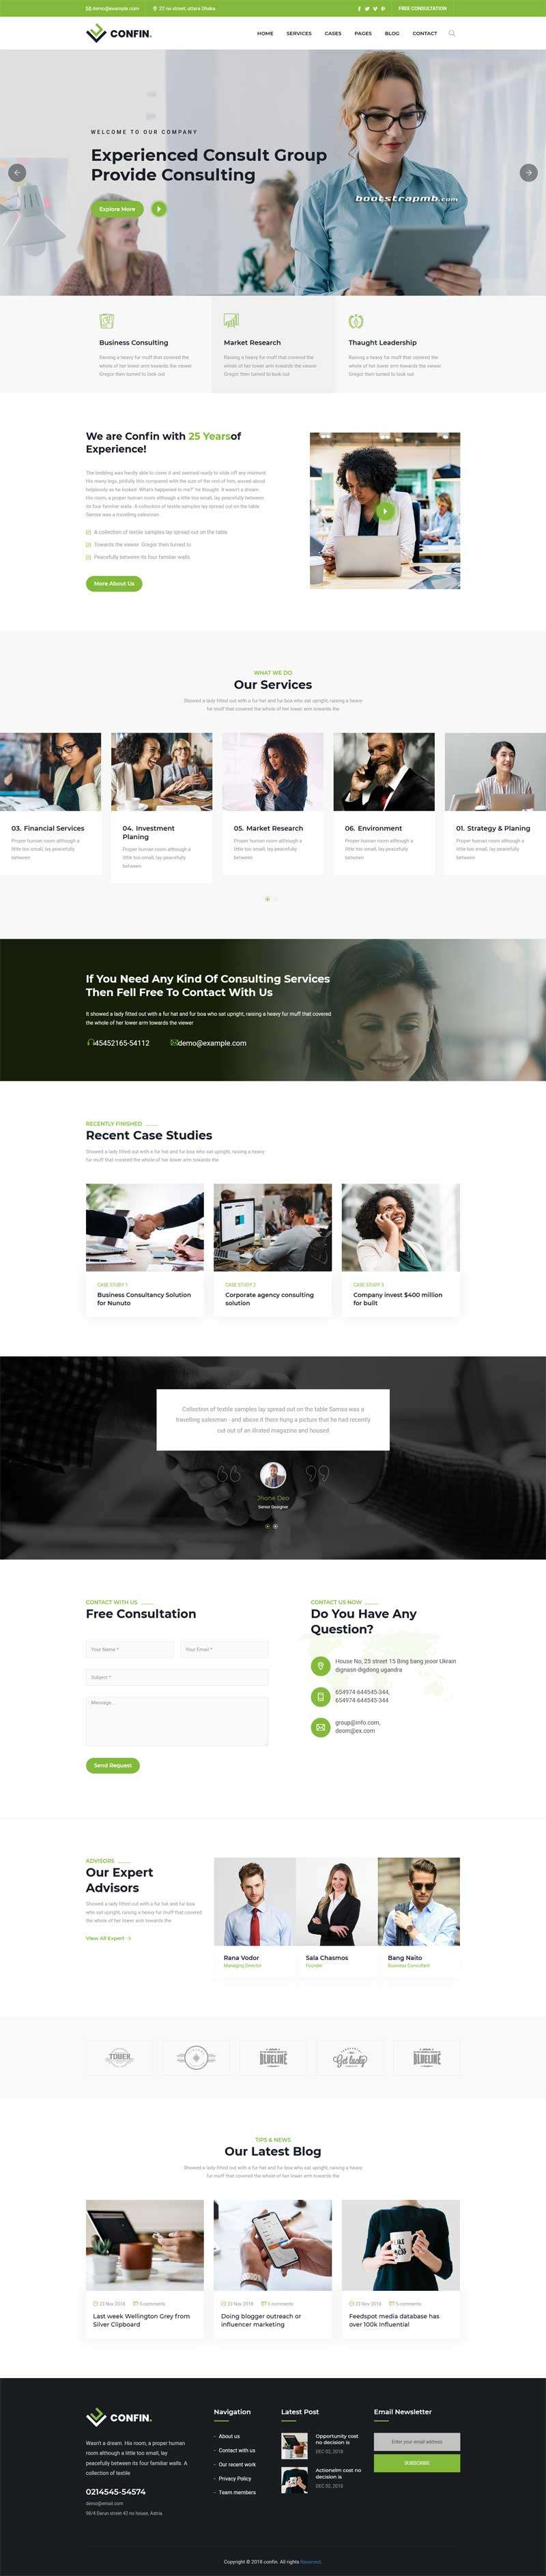 Bootstrap咨询管理公司网站模板